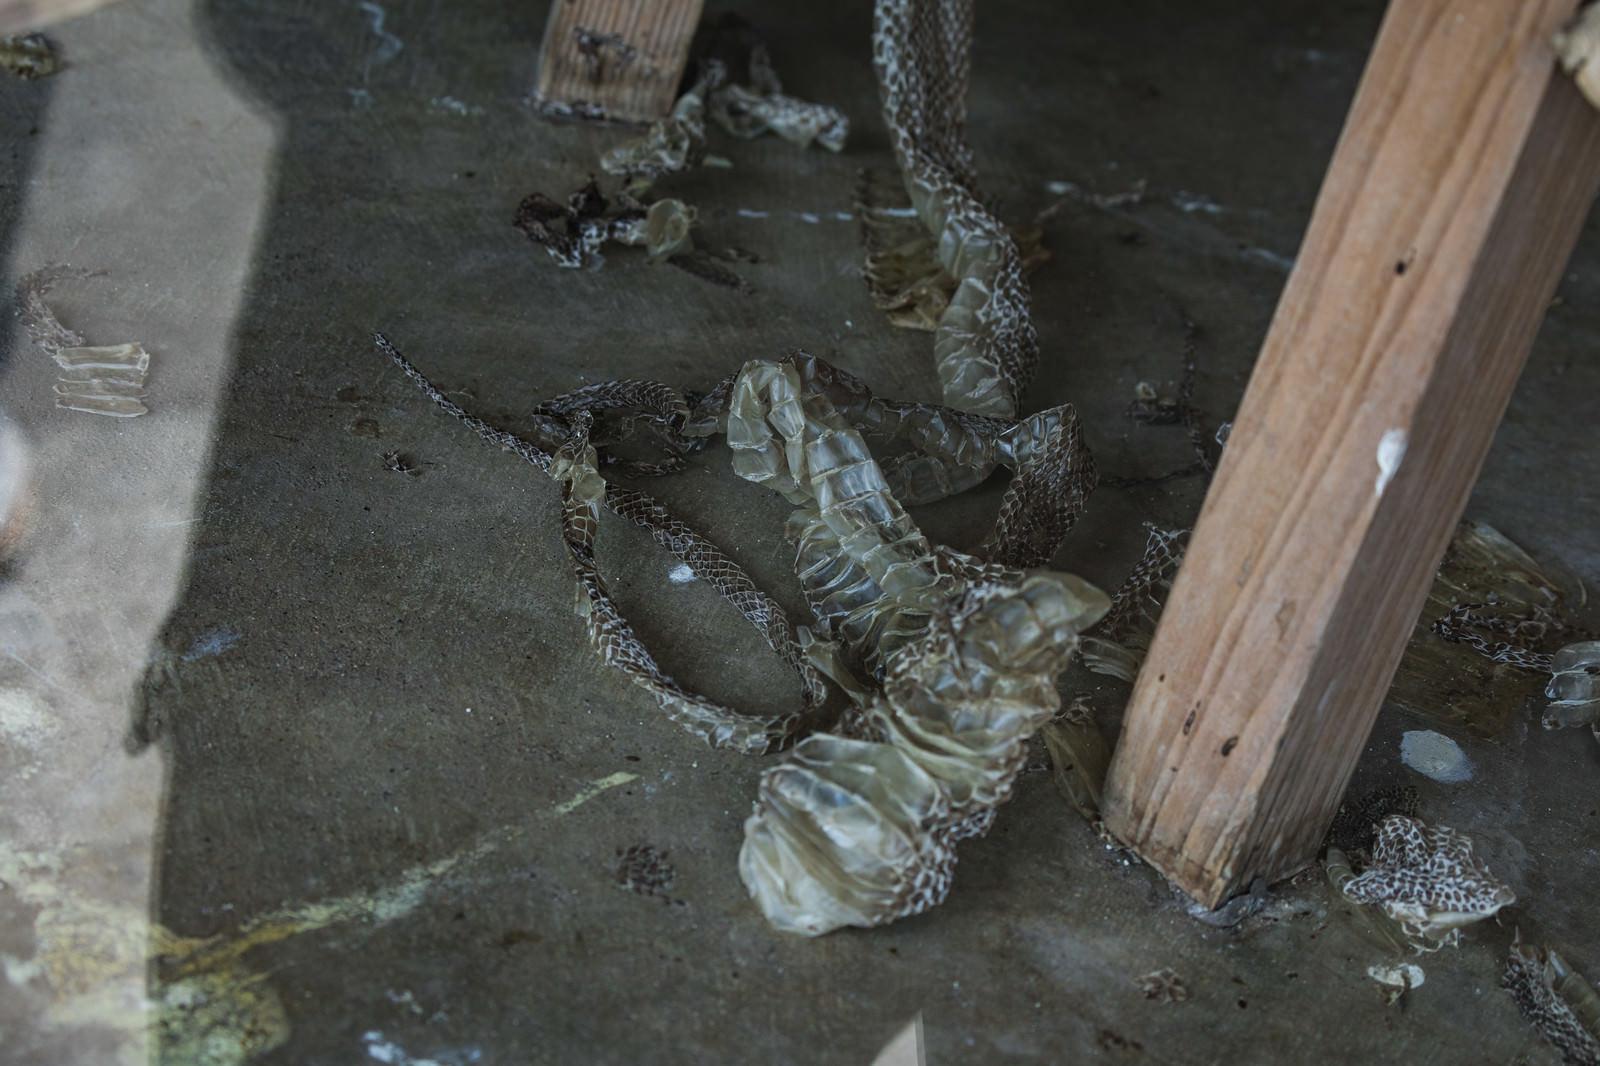 「ハブ(蛇)の脱皮後 ※閲覧注意」の写真